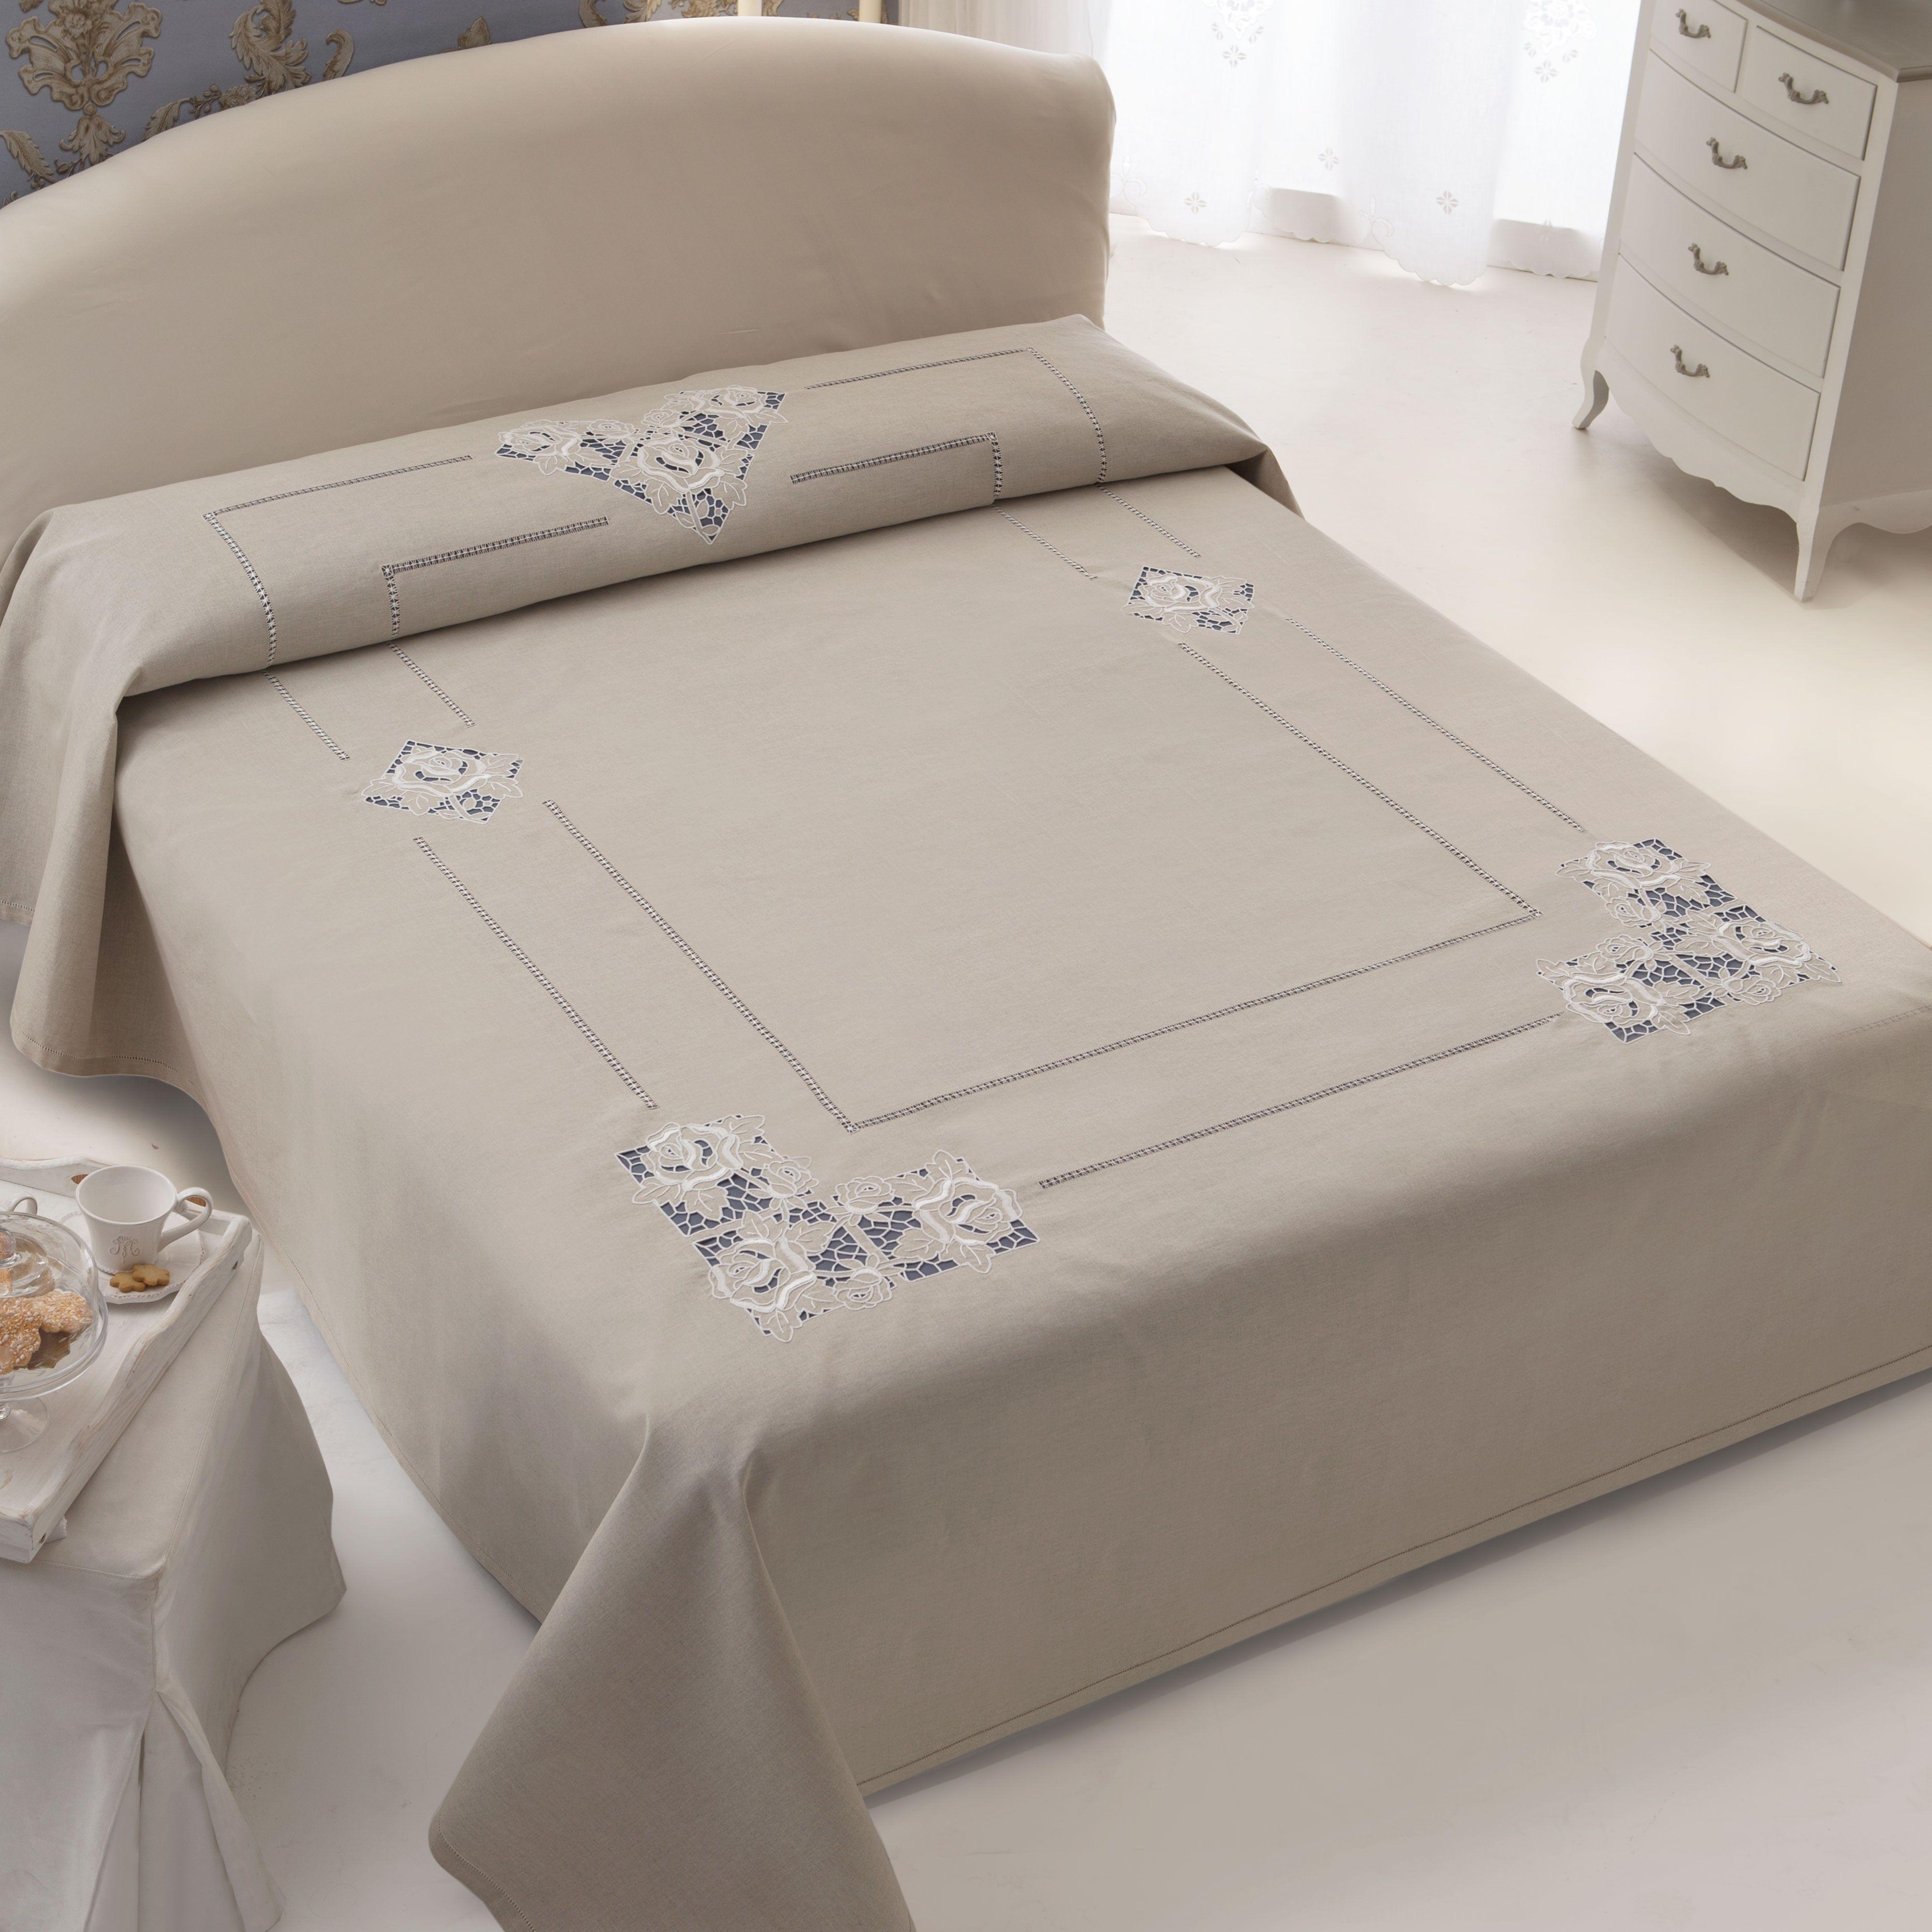 Disegno carta per realizzare il copriletto matrimoniale for Schemi bordure uncinetto per lenzuola